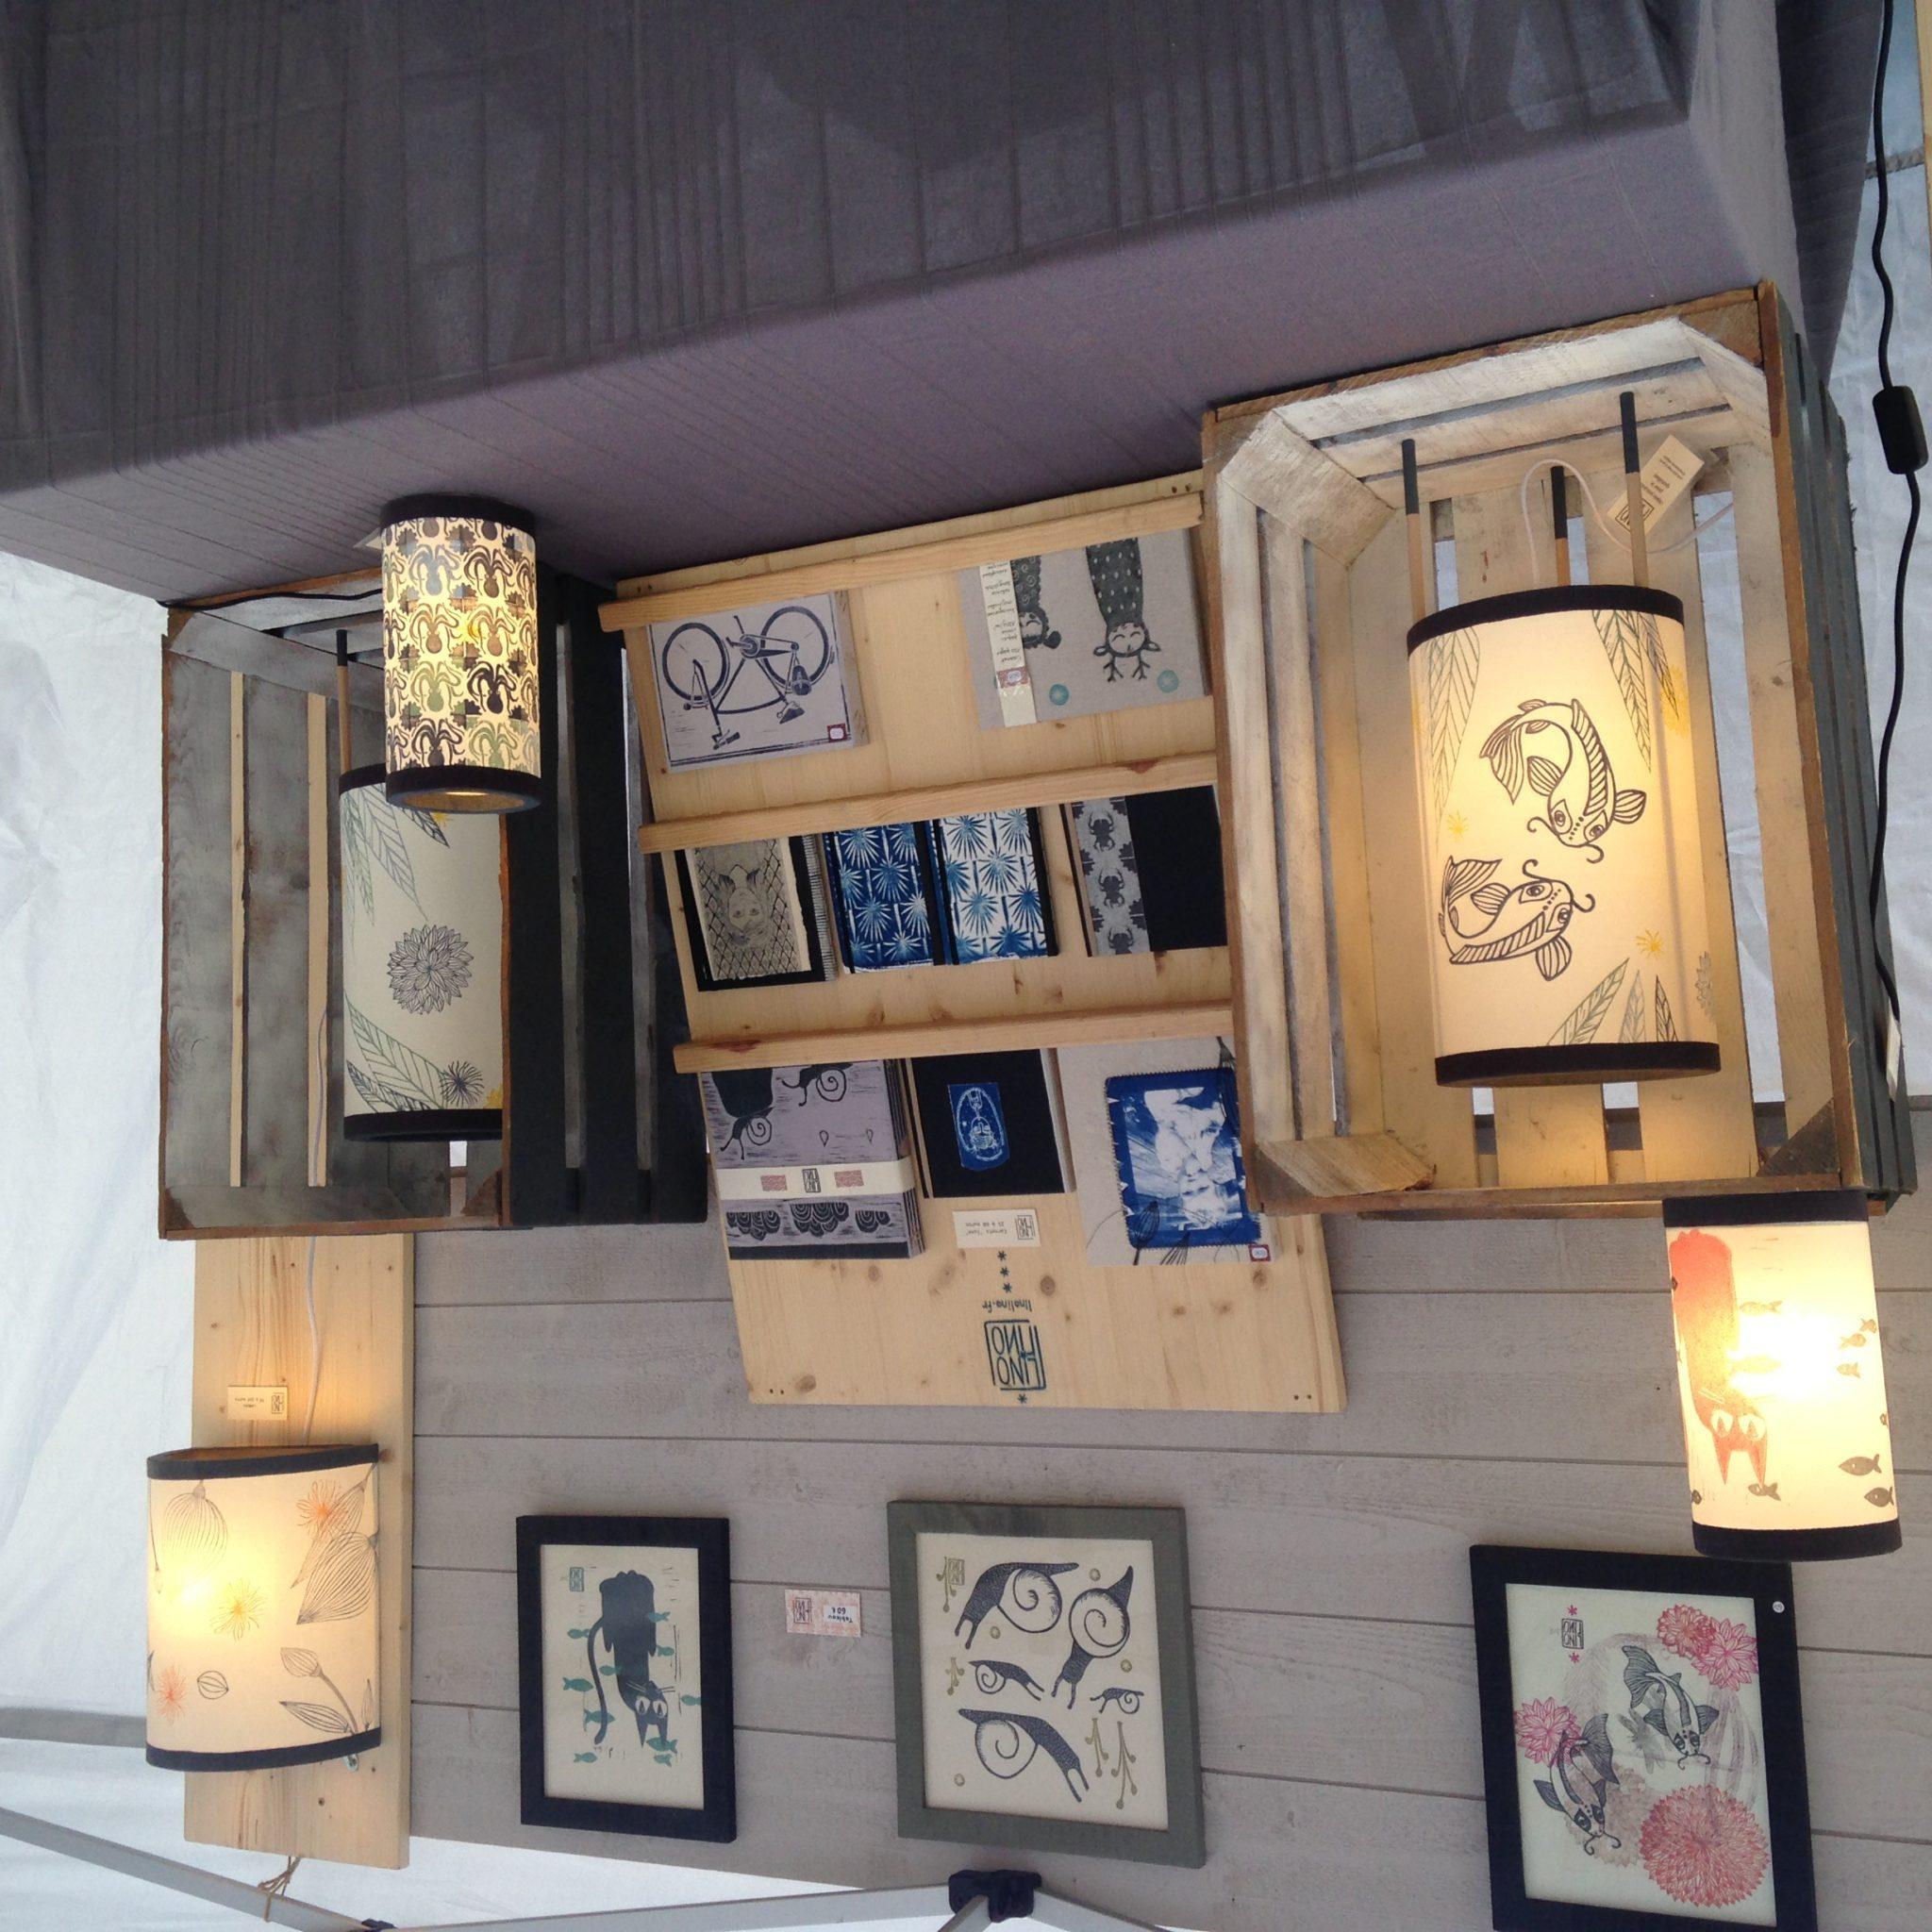 LinoLino | Linogravure et créations à partir d'impressions artisanales | Chambéry, France | Stand LinoLino Méridienne des Artistes, Montmélian